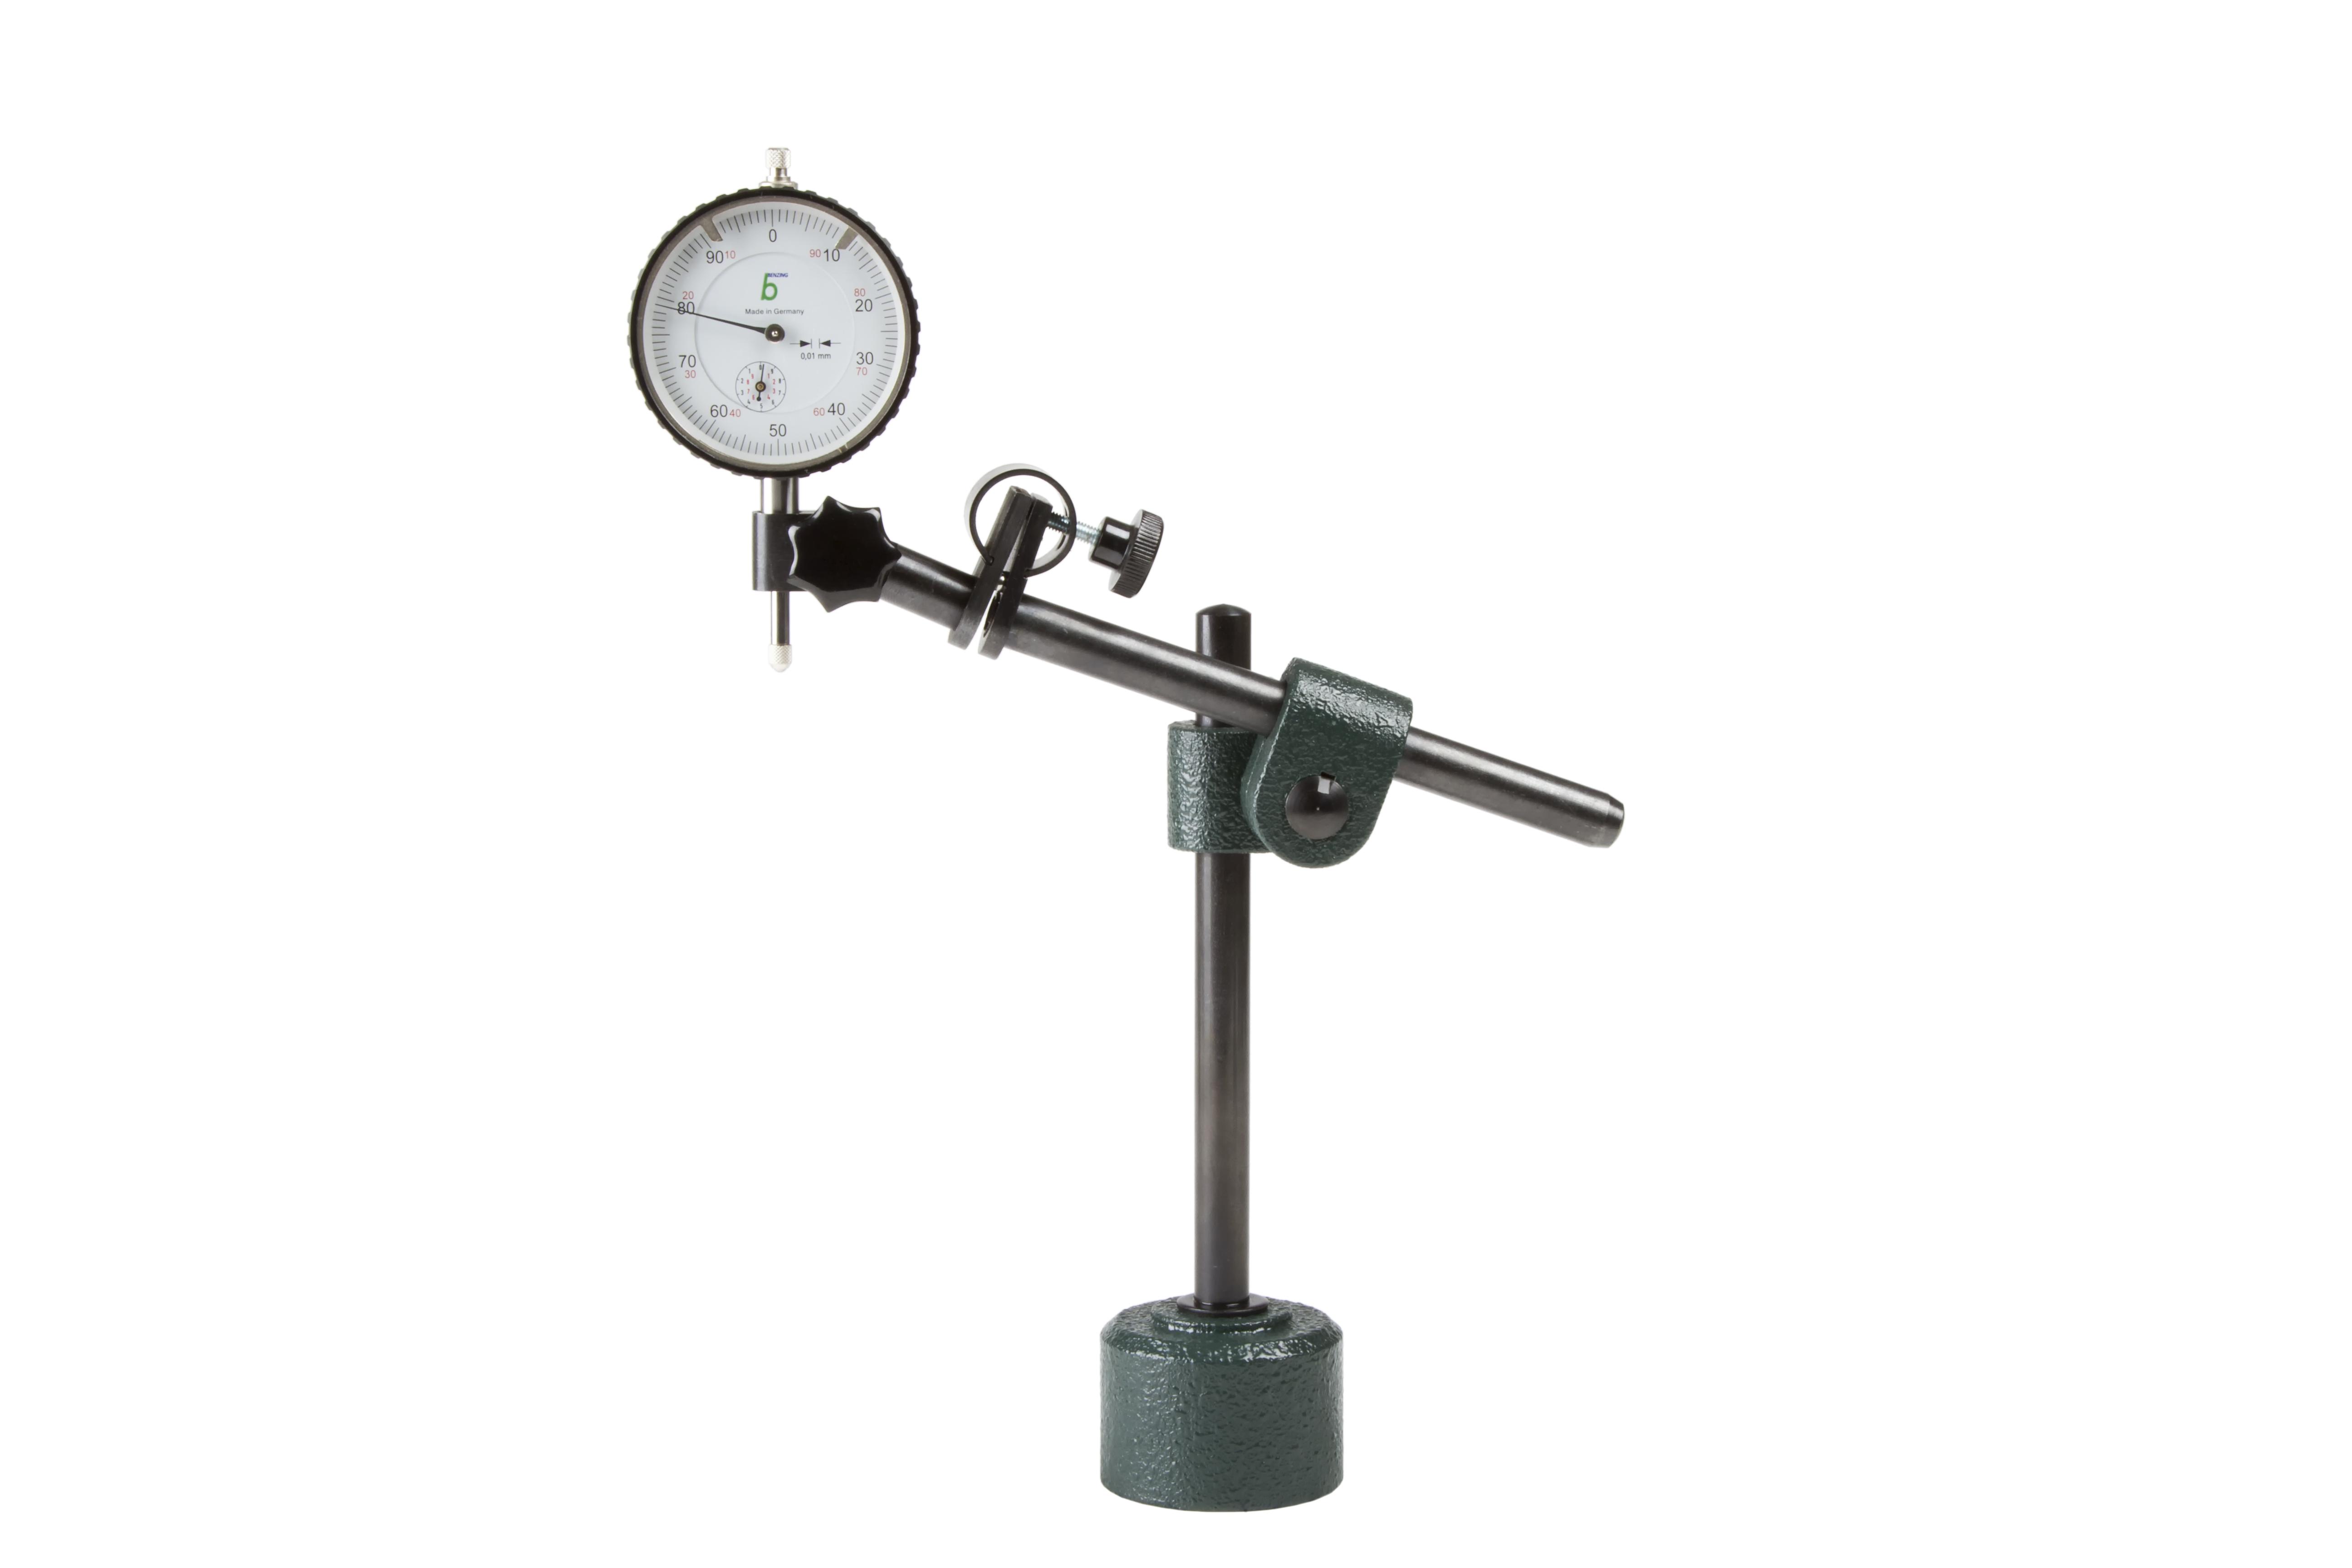 Magnetický stojánek MA-P 55 pro číselníkové úchylkoměry